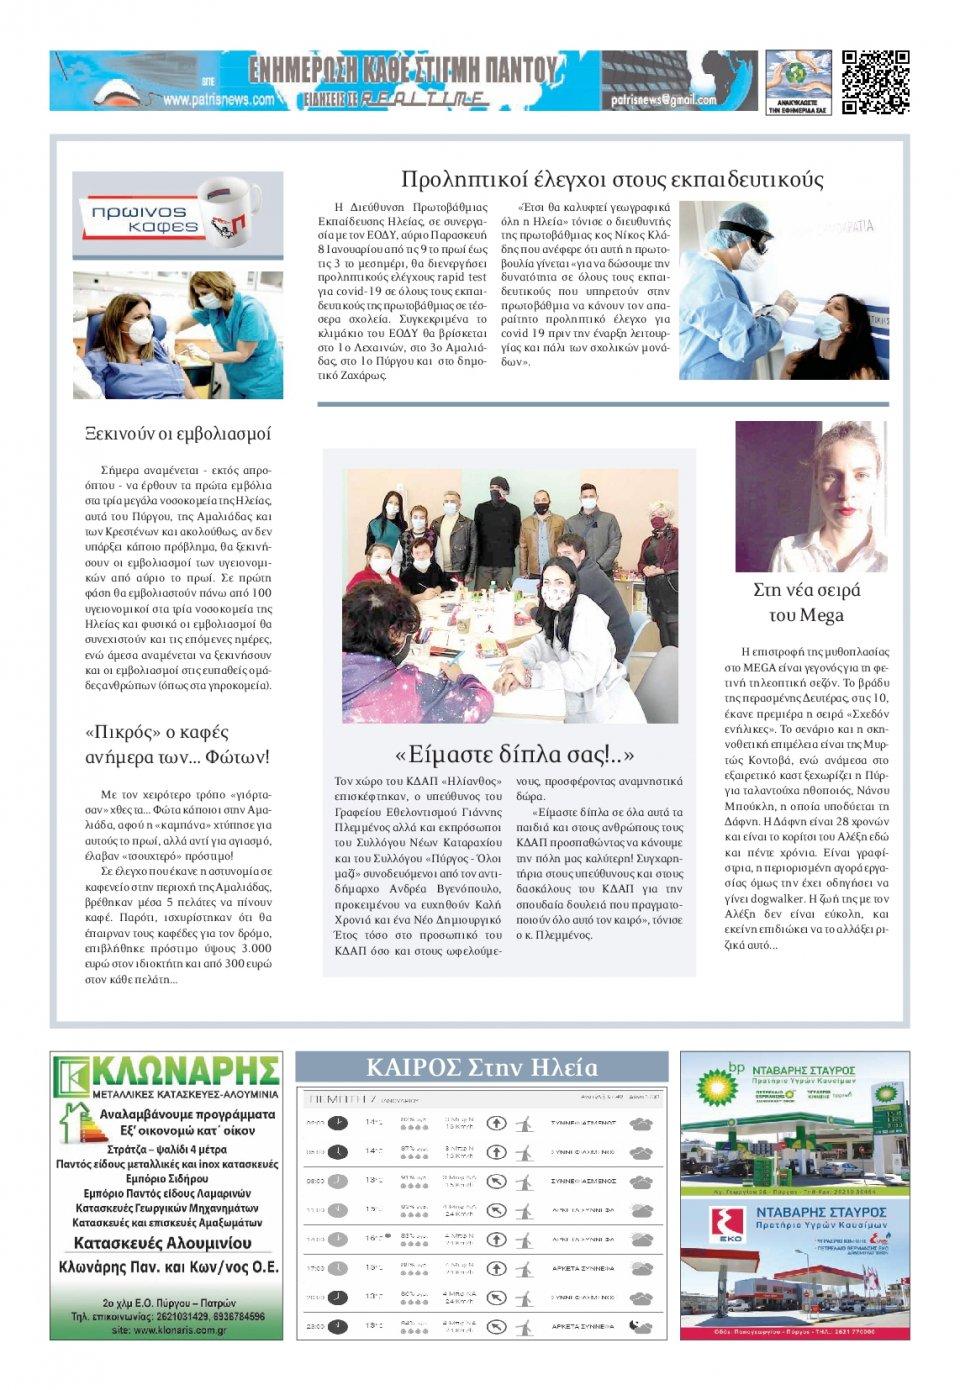 Οπισθόφυλλο εφημερίδας Πατρις Ηλείας